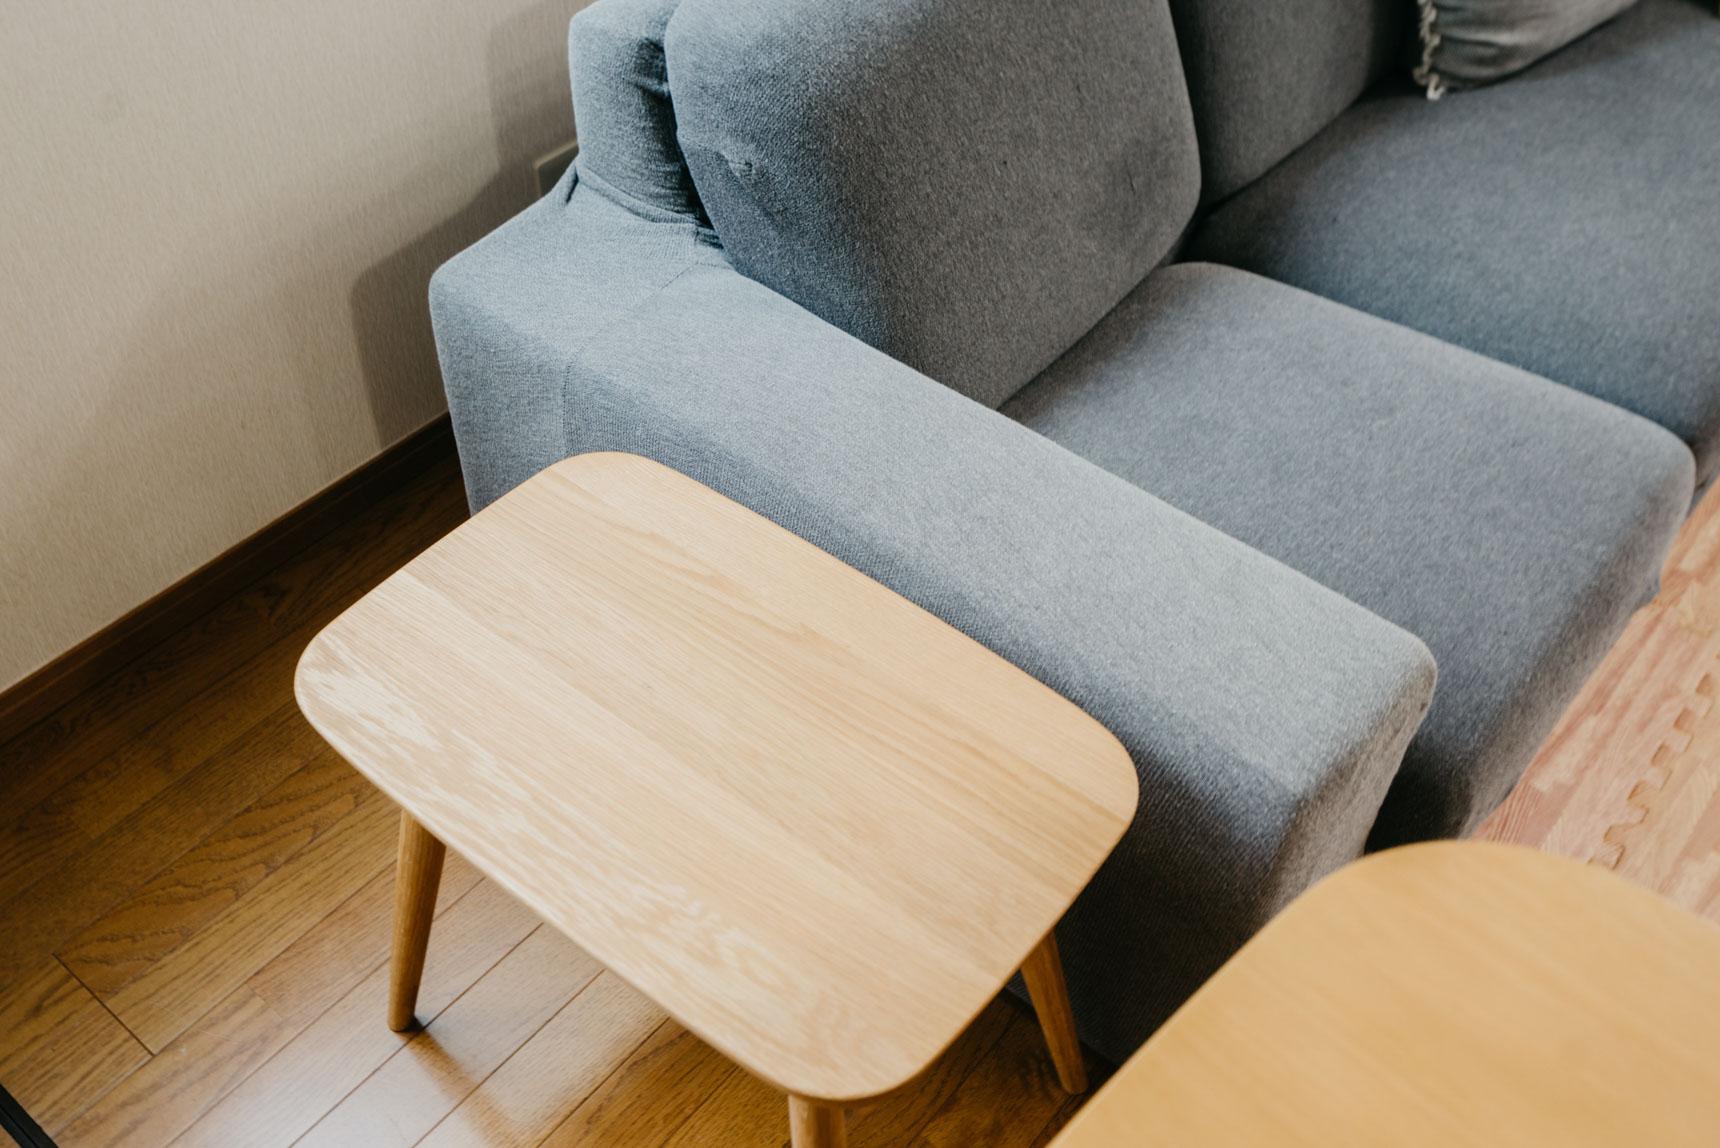 来客用の椅子にも、サイドテーブルにも。フレキシブルに使える無印良品の「オーク材スツール」